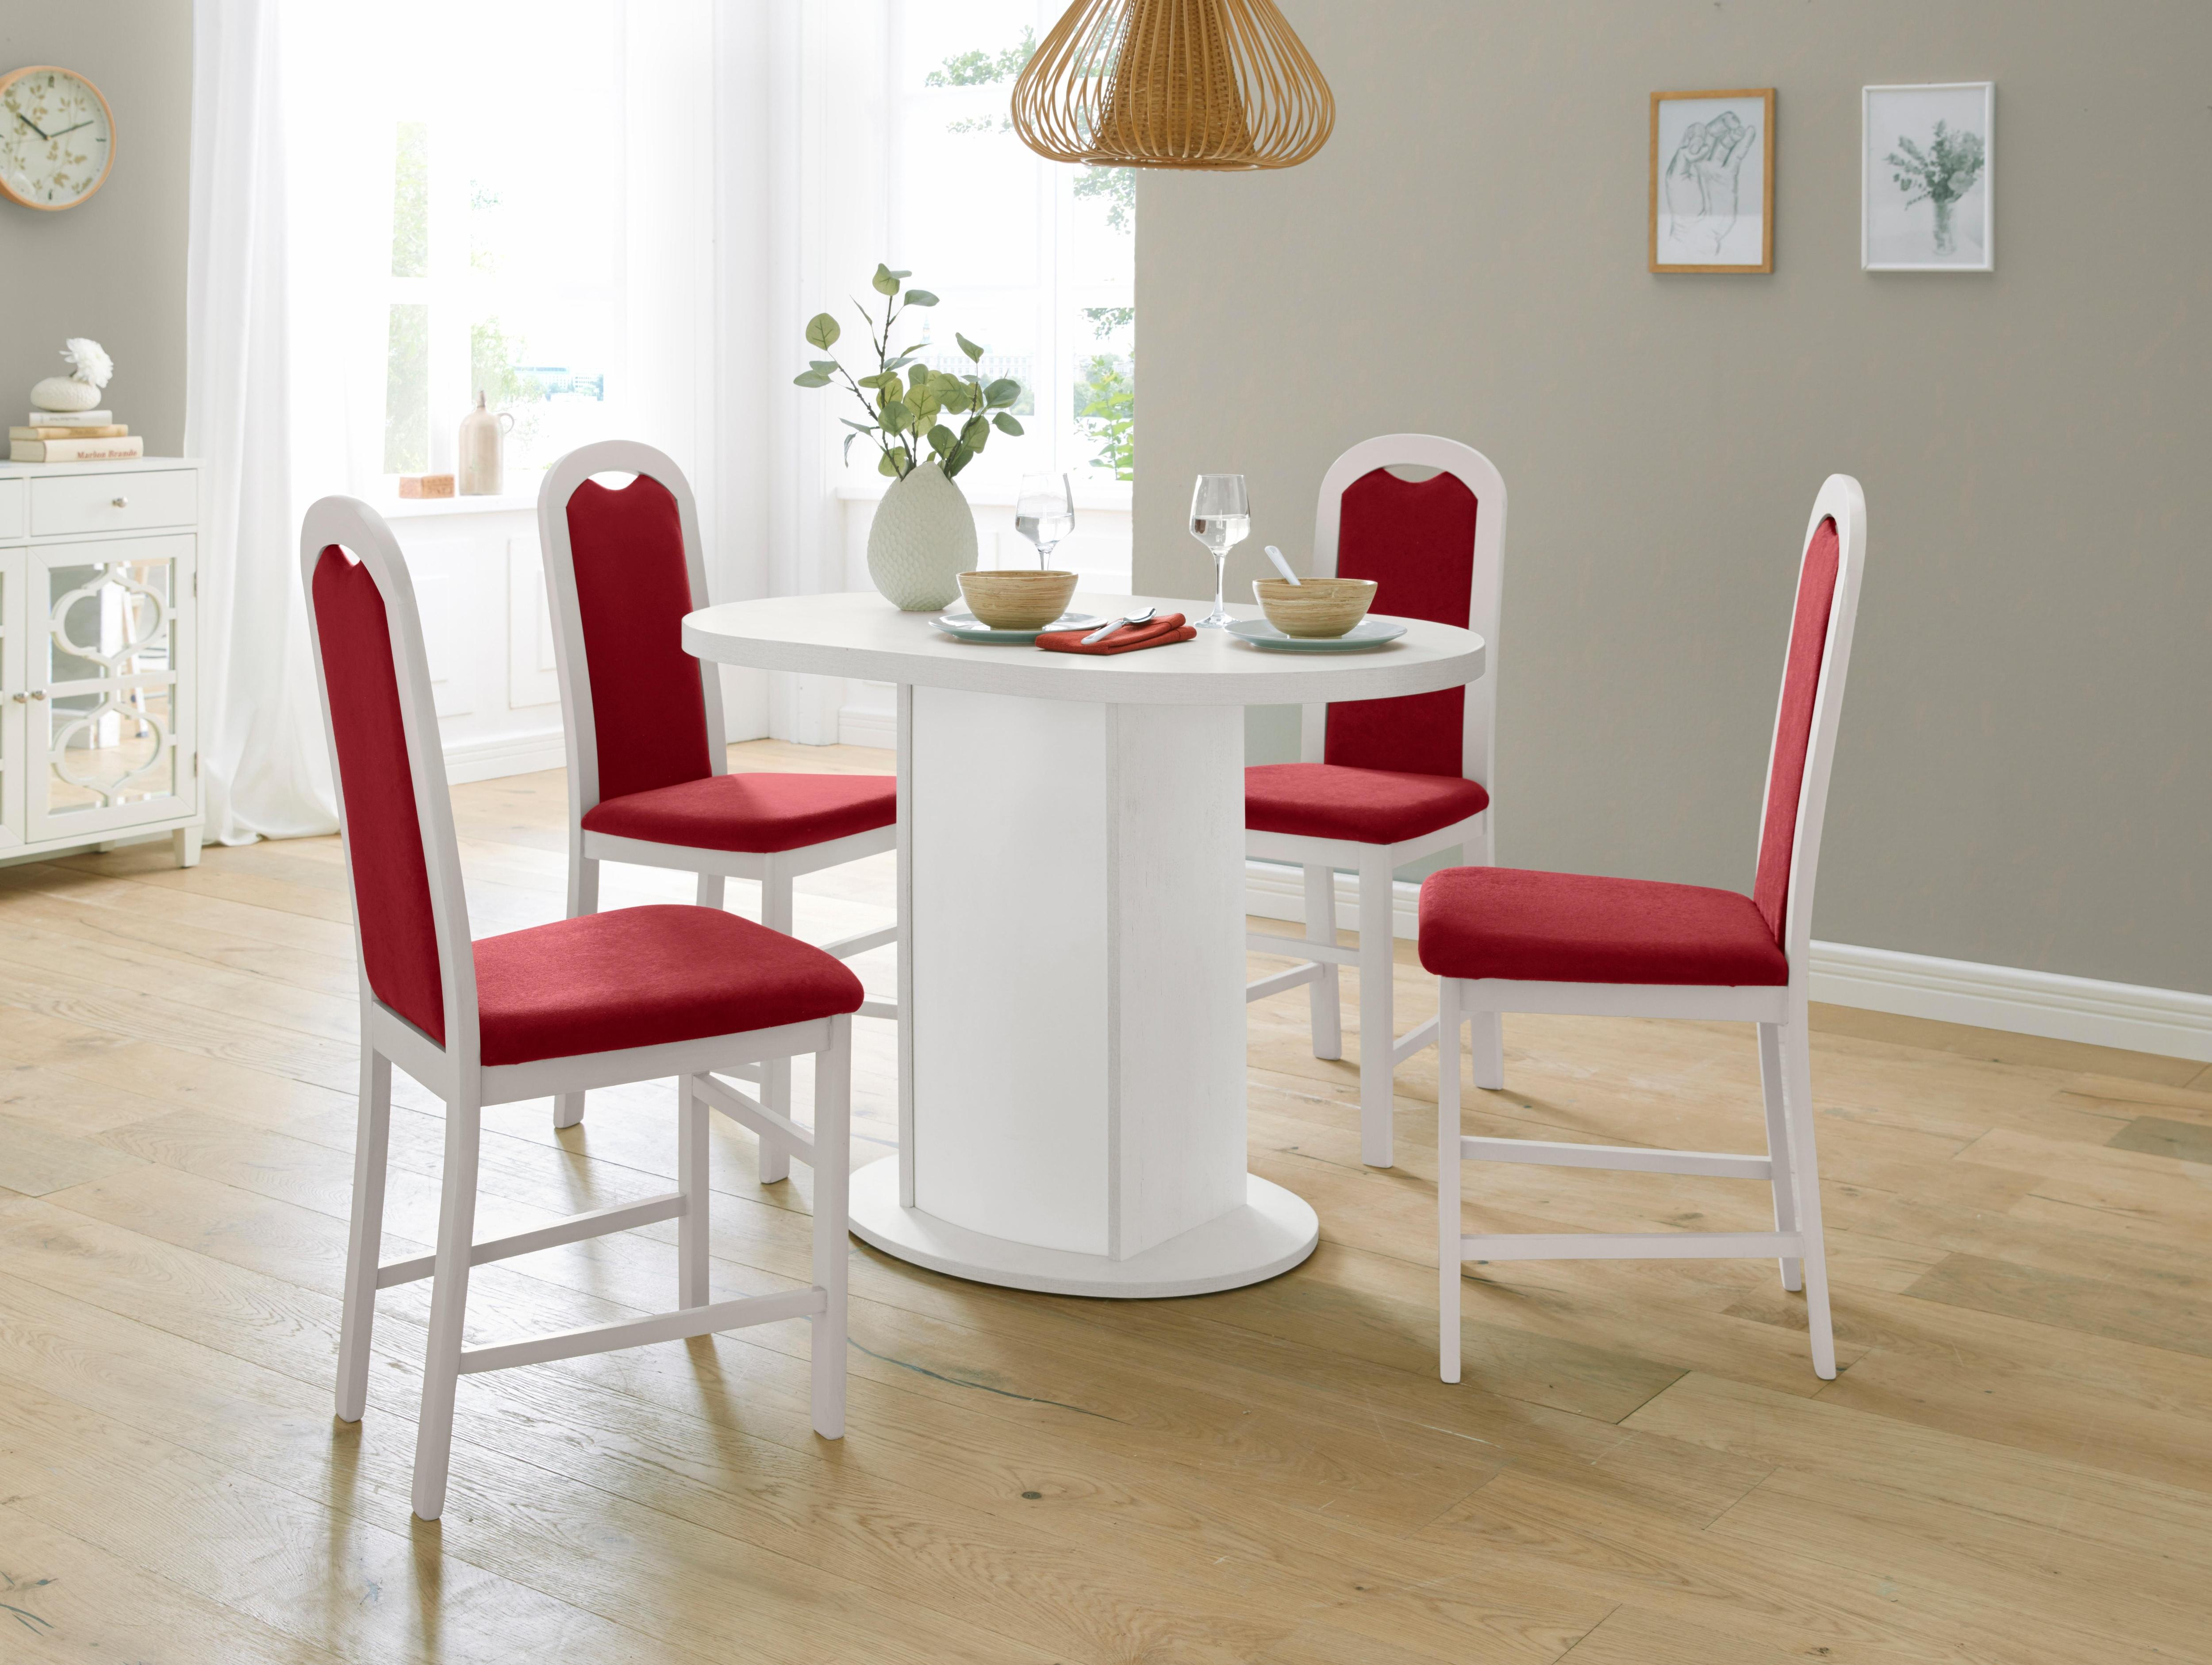 Säulen-Esstisch Apollon 1 Wohnen/Möbel/Tische/Esstische/Säulentische